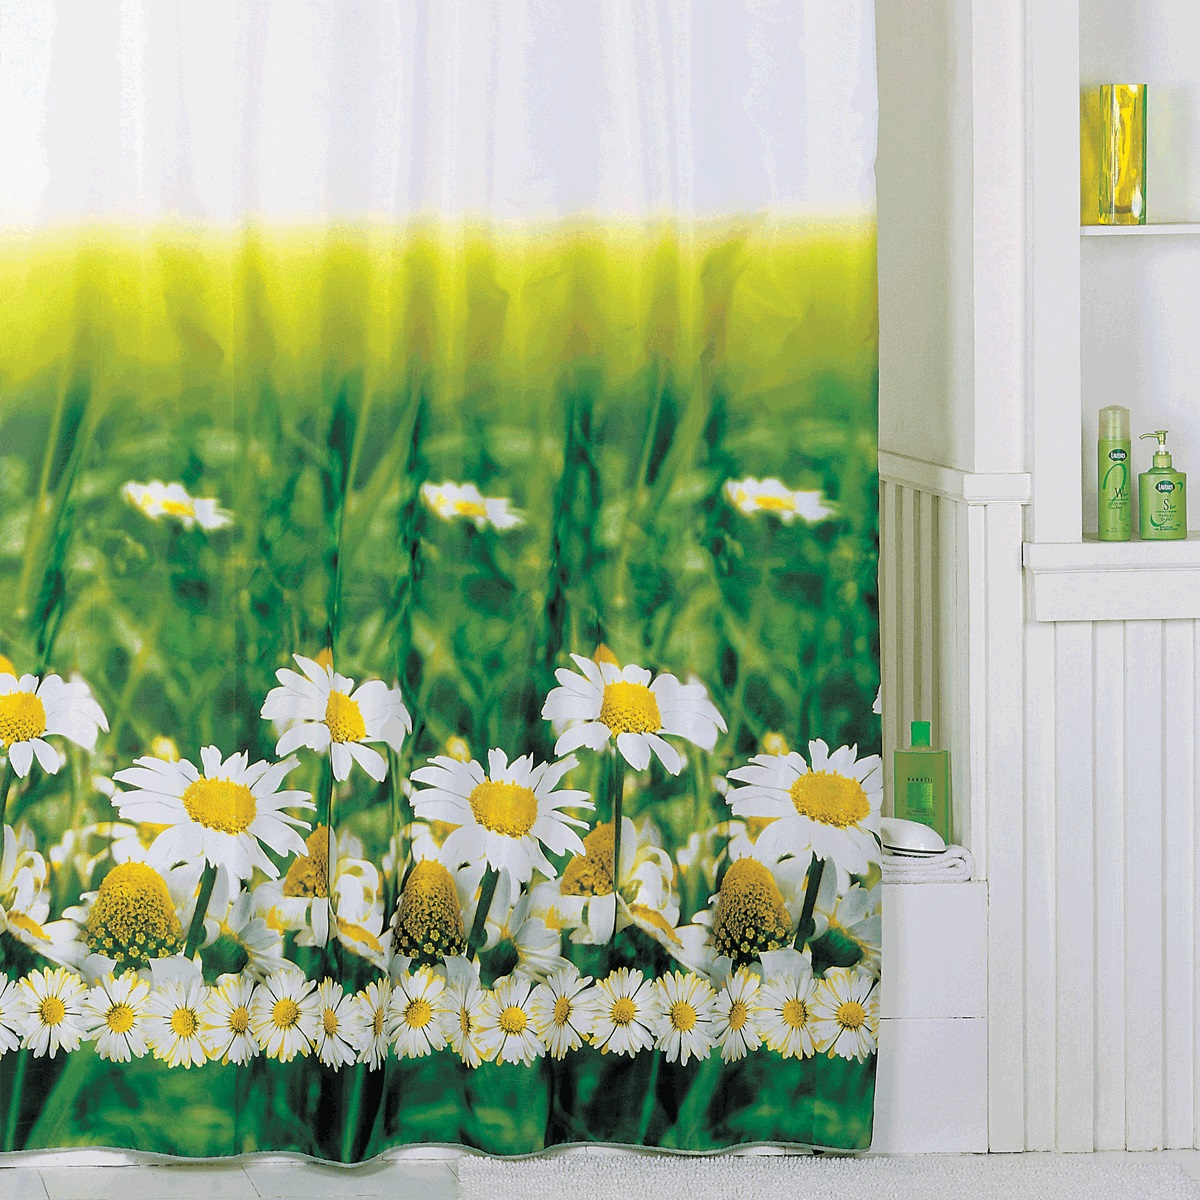 Штора для ванной Iddis Daizy Garden, цвет: белый, зеленый, 200 x 200 см штора для ванной iddis blue butterfly цвет голубой 200 x 200 см